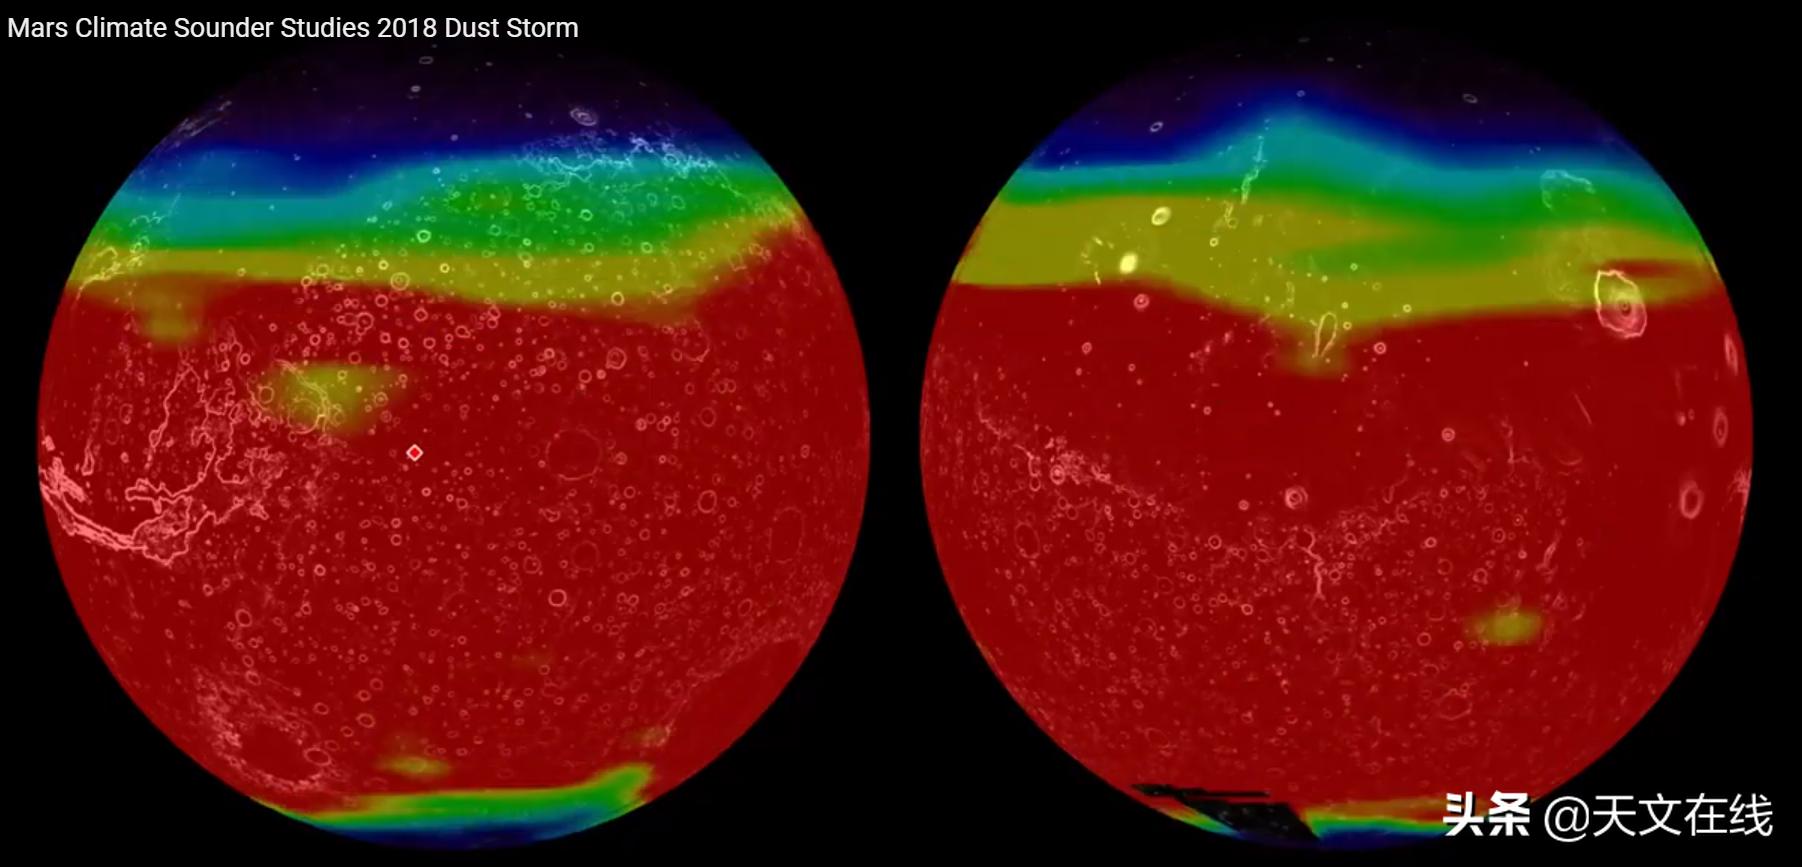 火星沙尘塔降落可覆盖整个美国,怎么形成?先进探测器告诉你答案